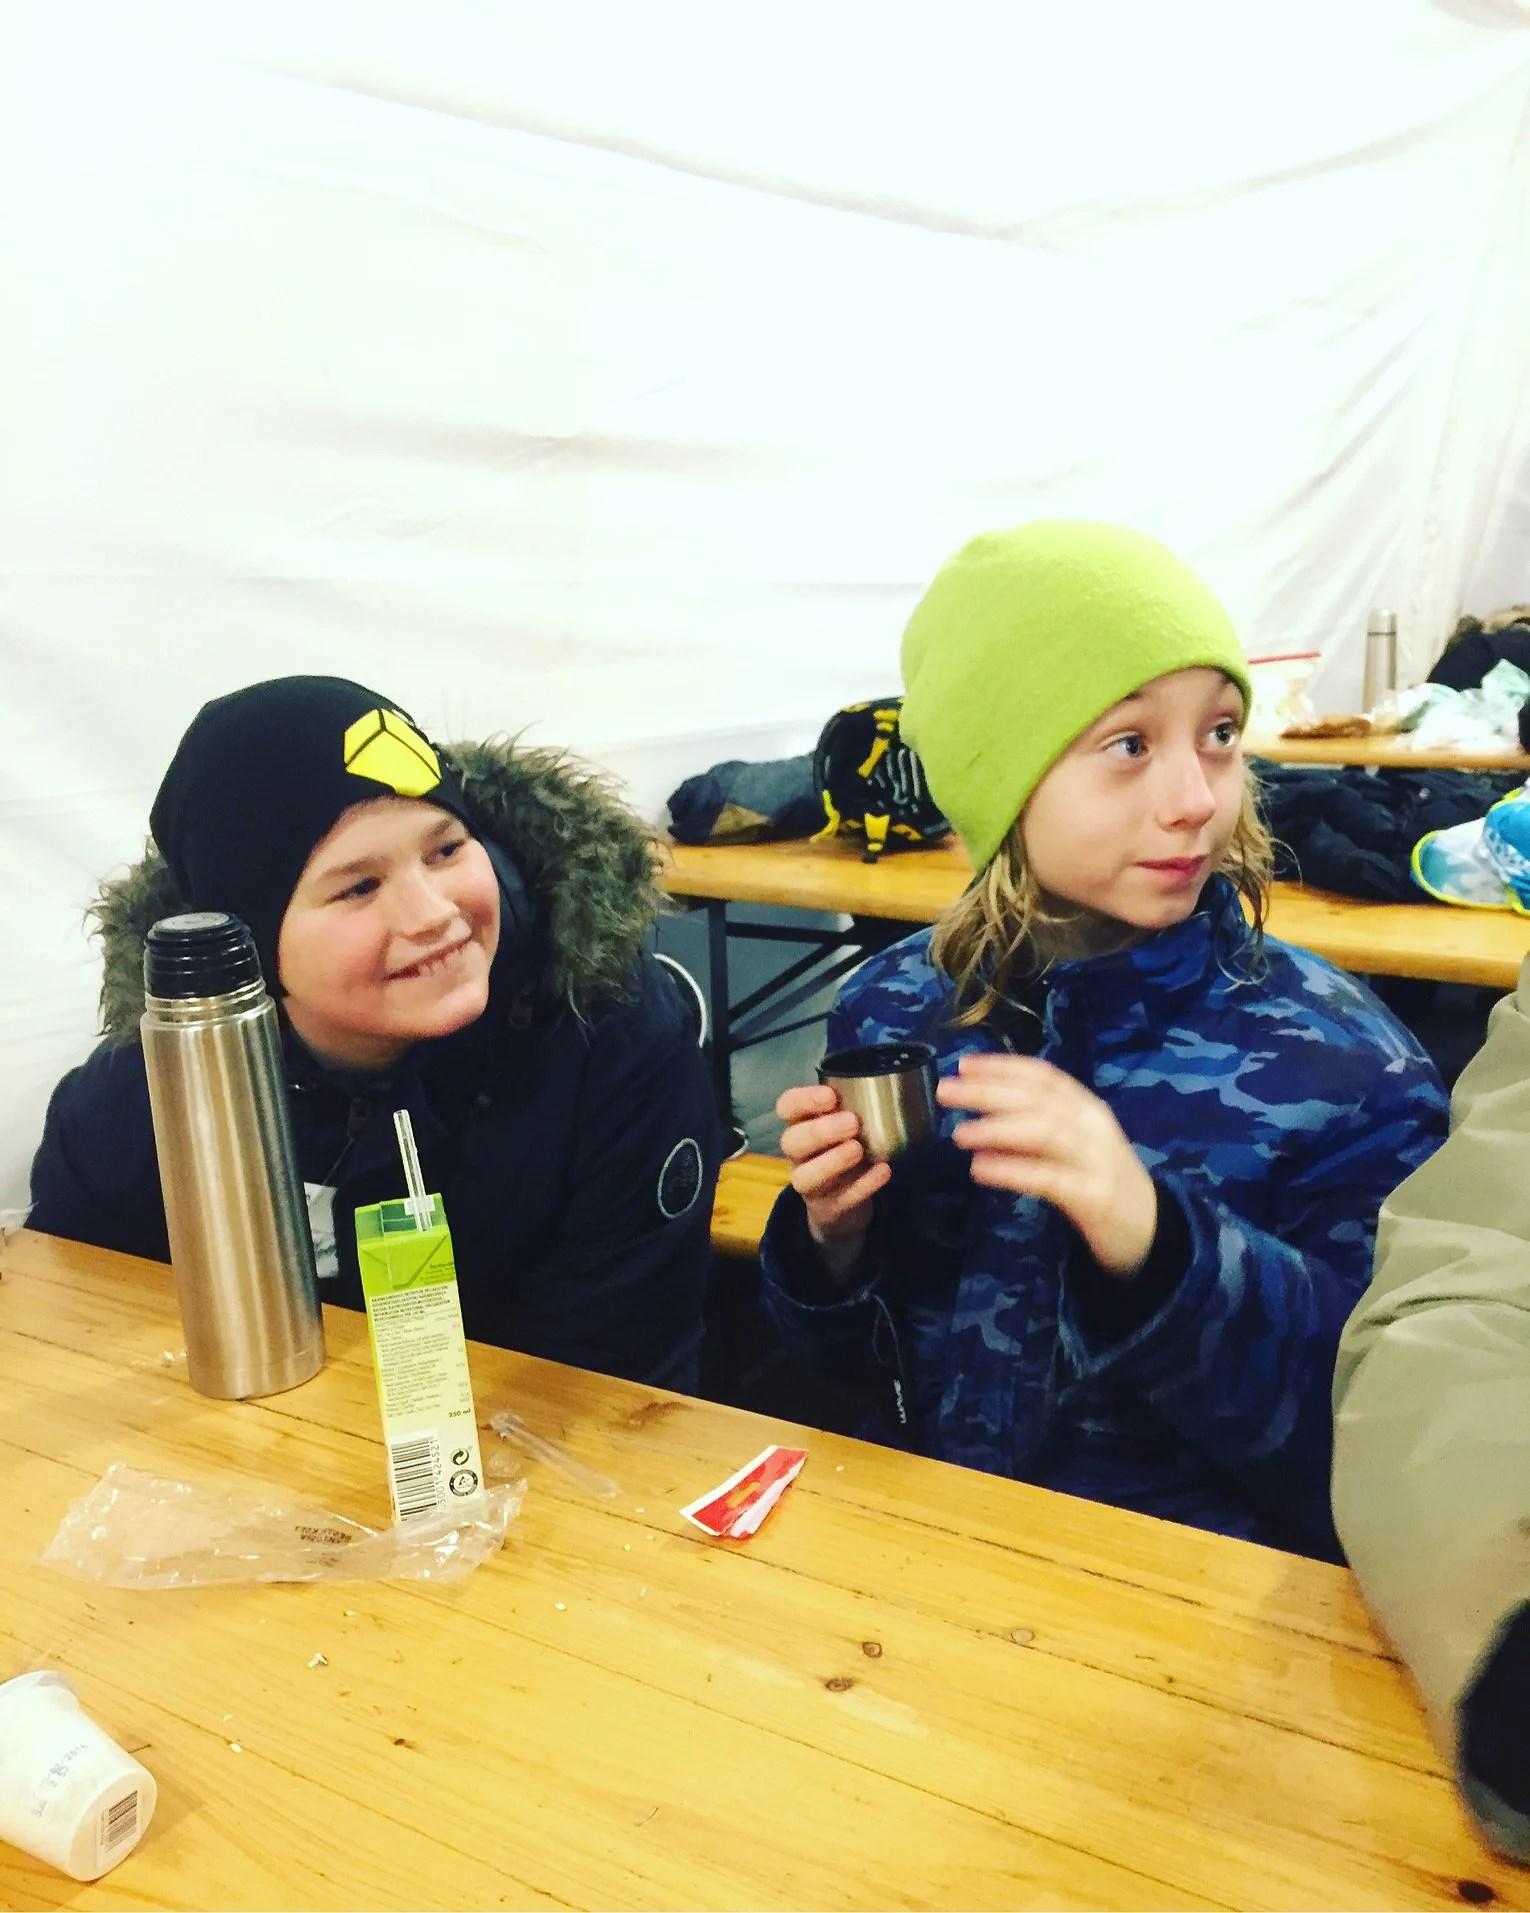 Vallåsen skidanläggning